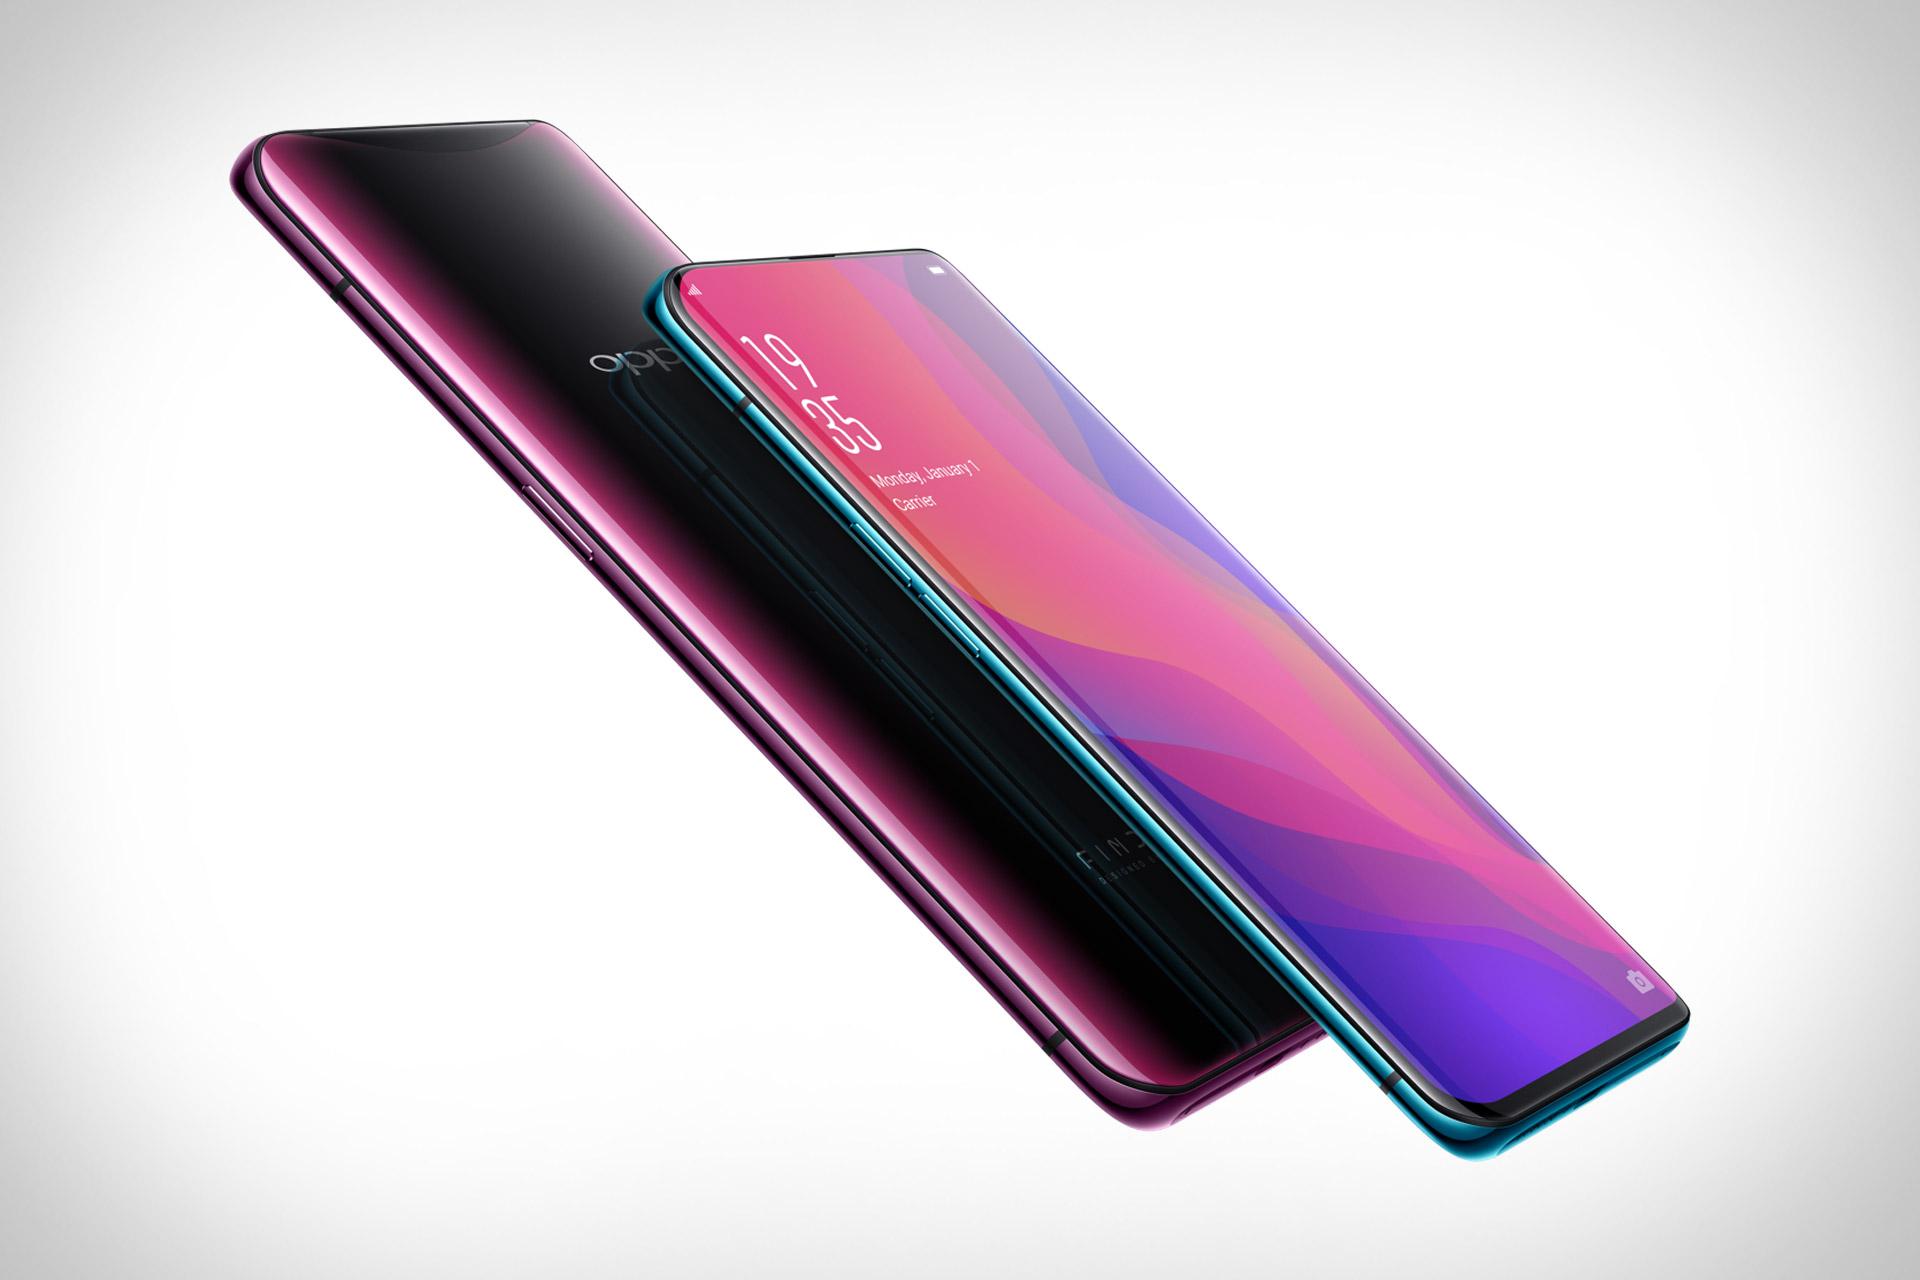 Miglior smartphone del 2018 oppo find x